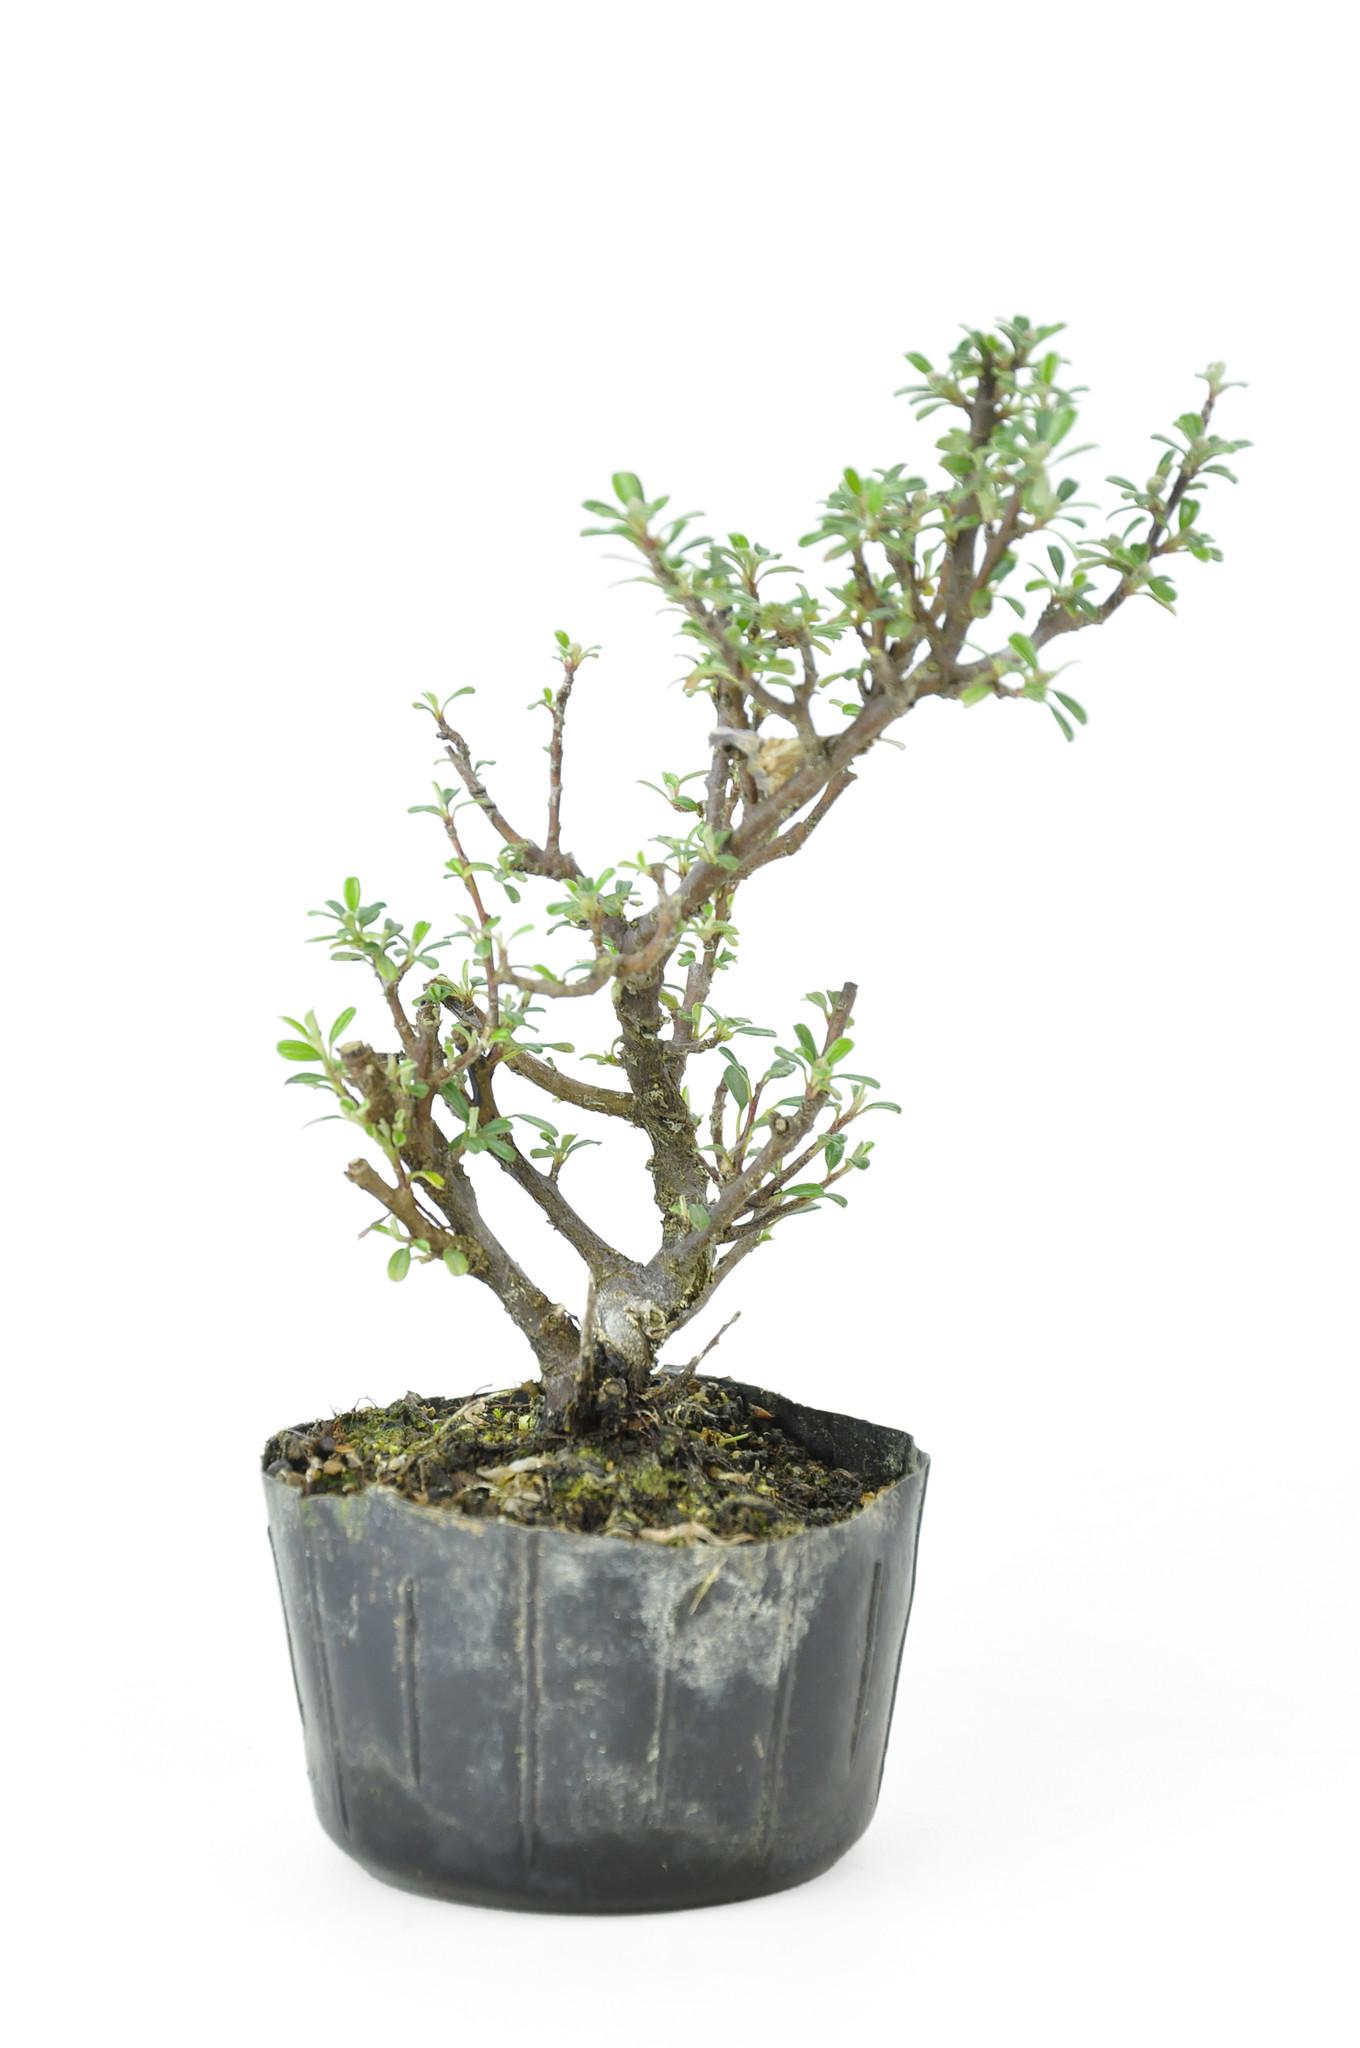 Albero Con Bacche Rosse cotoneaster rock, 17 cm, ± 8 anni - bonsaiplaza